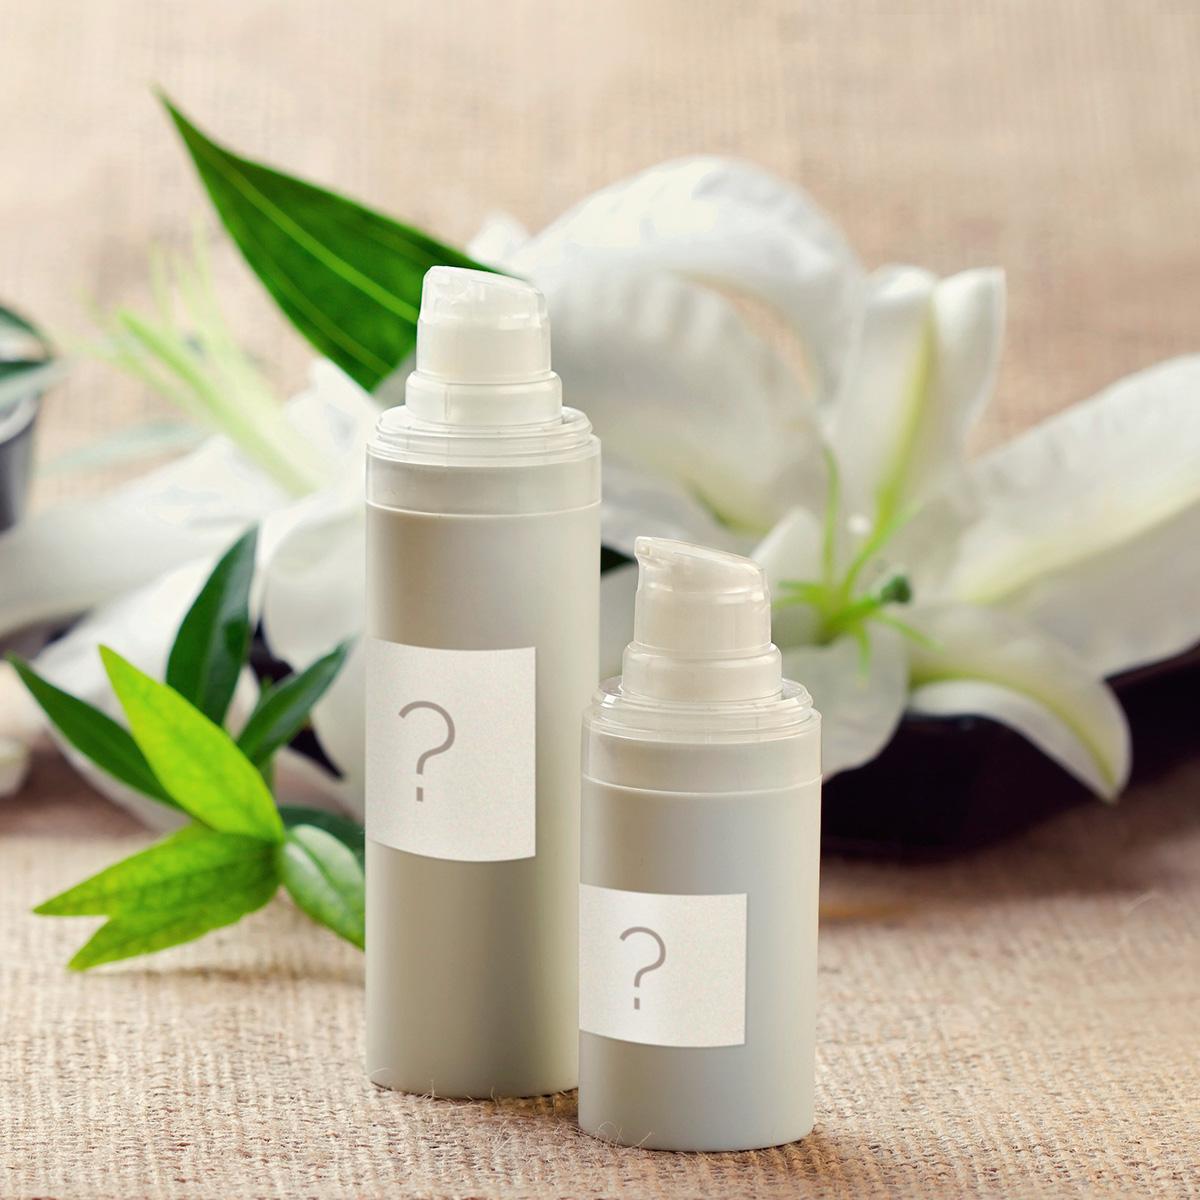 L'importanza dell'INCI nei cosmetici. Scegli con cura